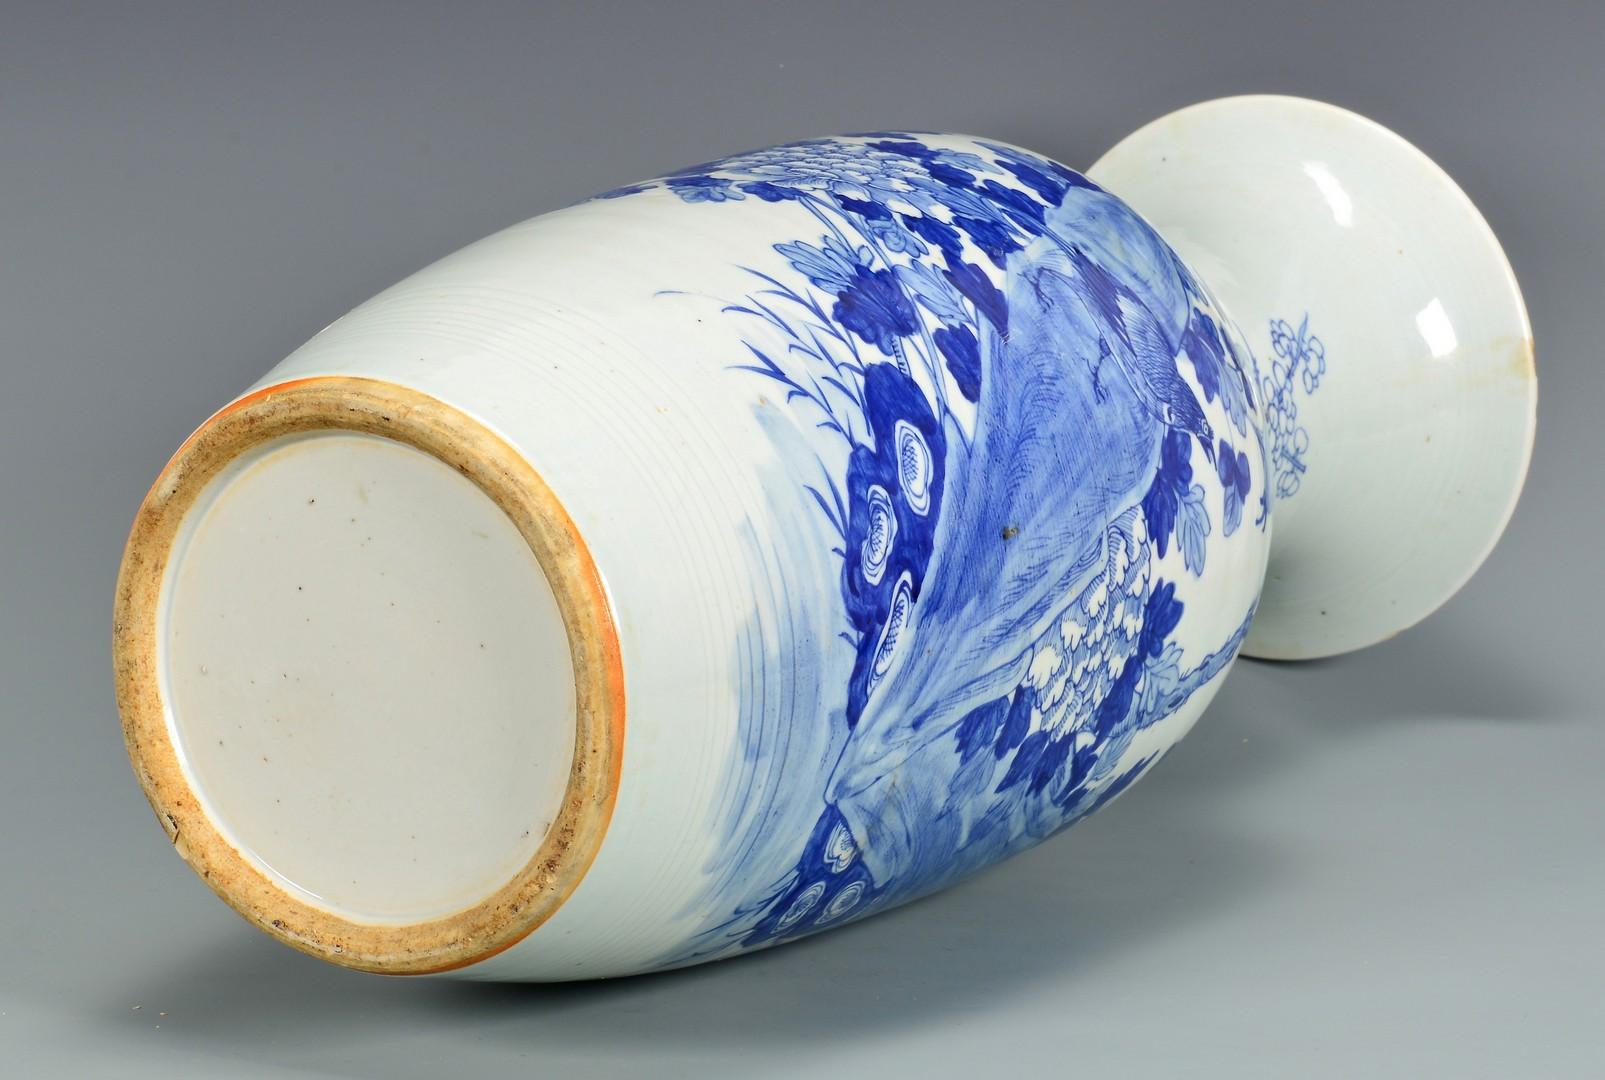 Lot 4010068: Large Chinese Blue & White Porcelain Vase